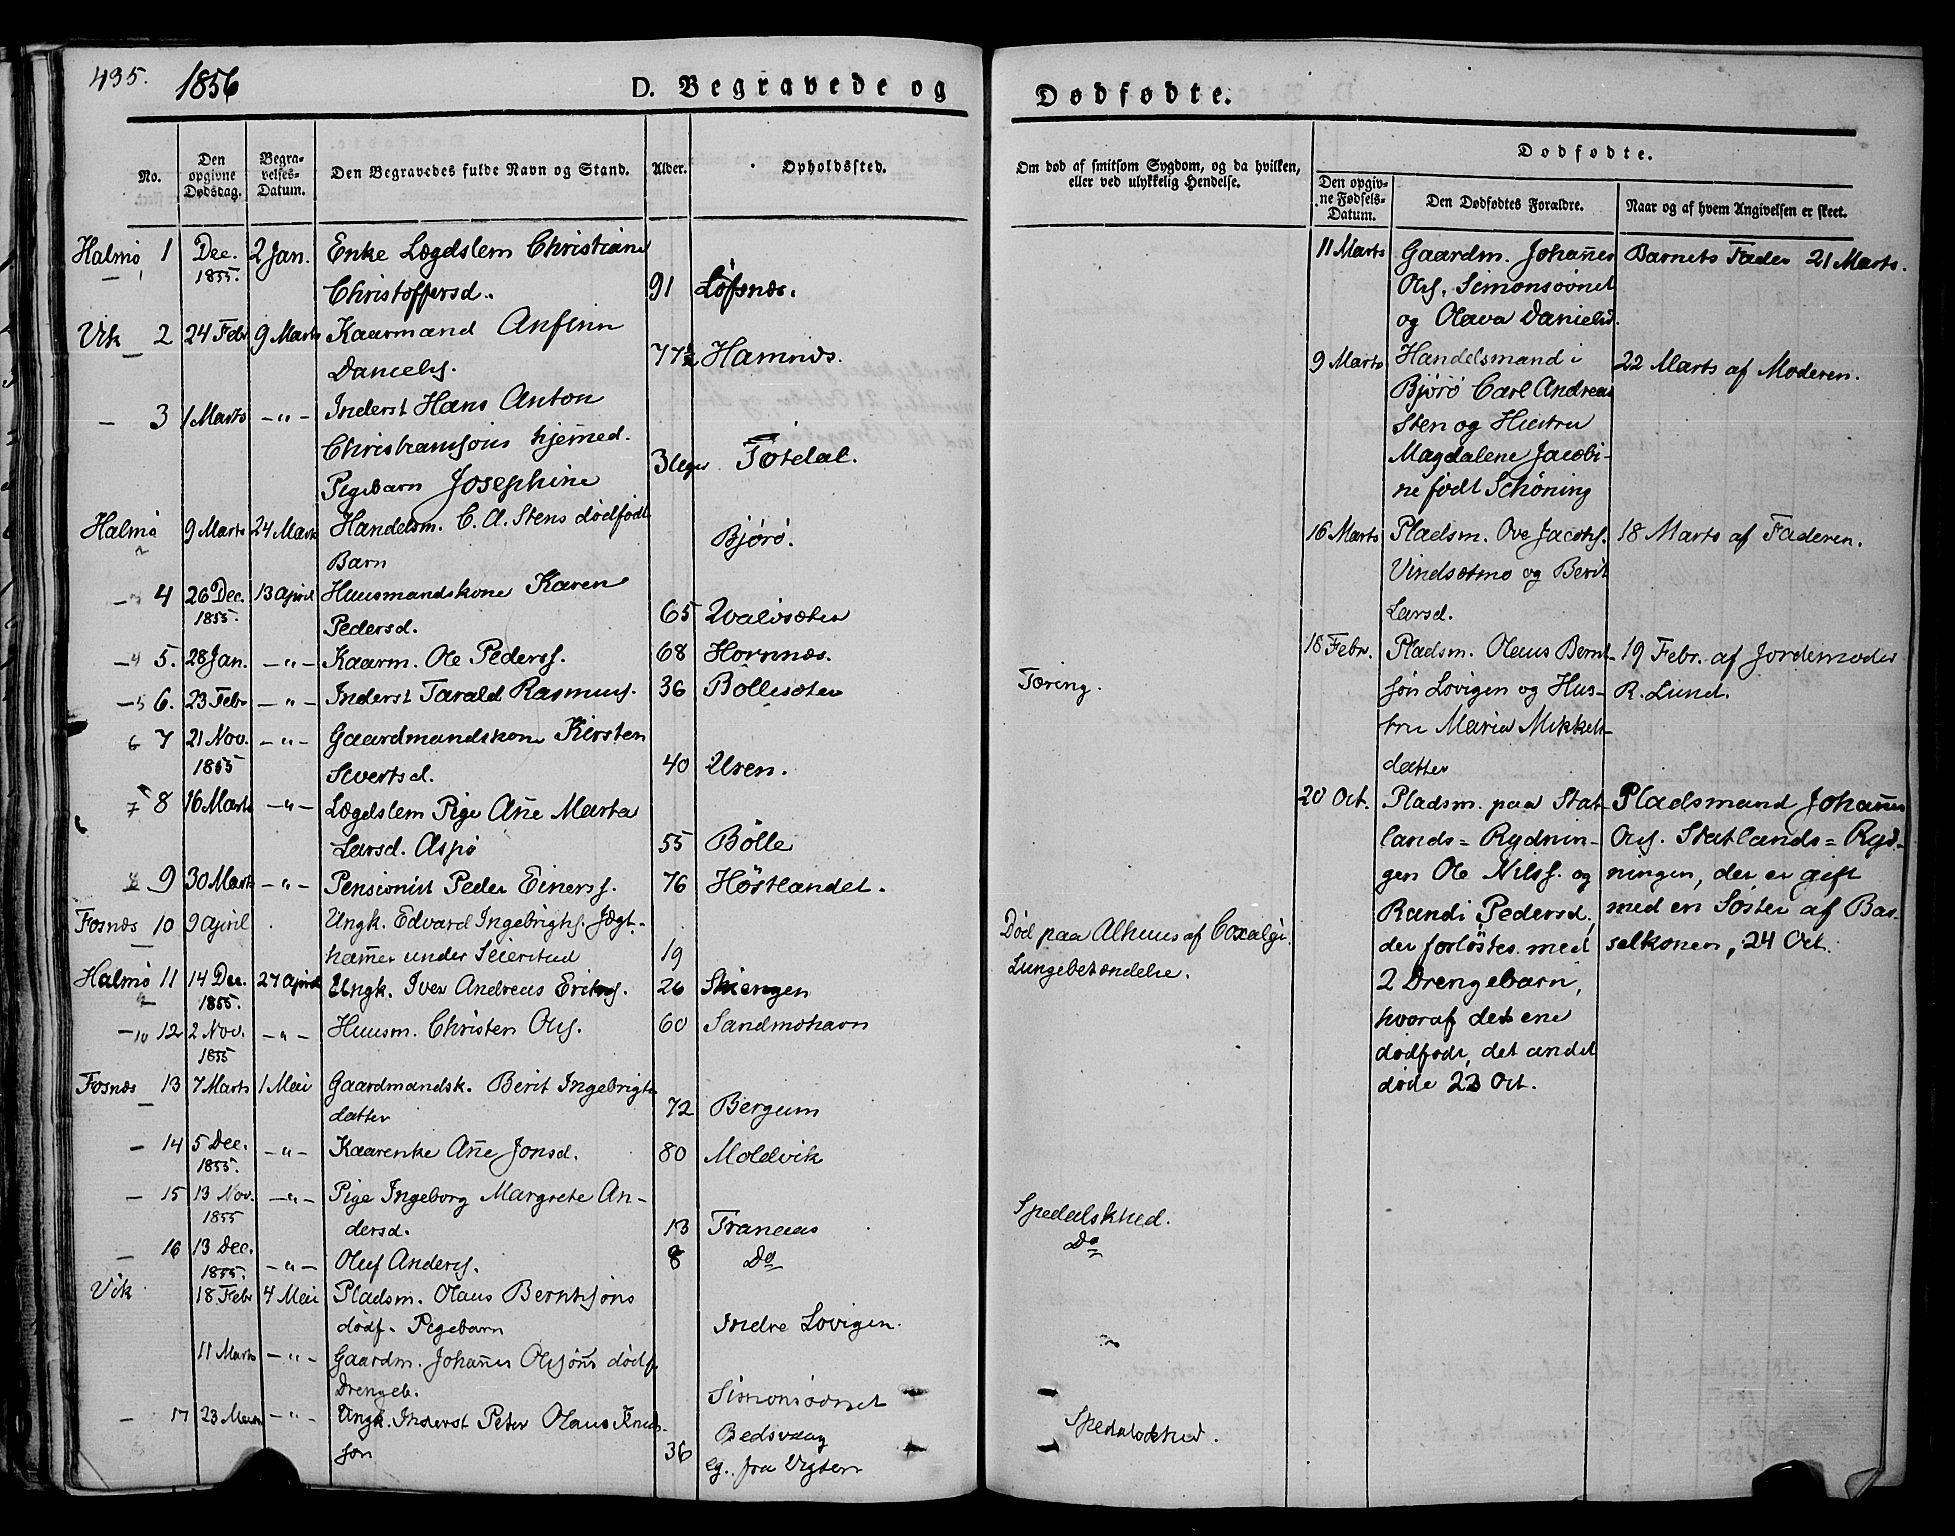 SAT, Ministerialprotokoller, klokkerbøker og fødselsregistre - Nord-Trøndelag, 773/L0614: Ministerialbok nr. 773A05, 1831-1856, s. 435